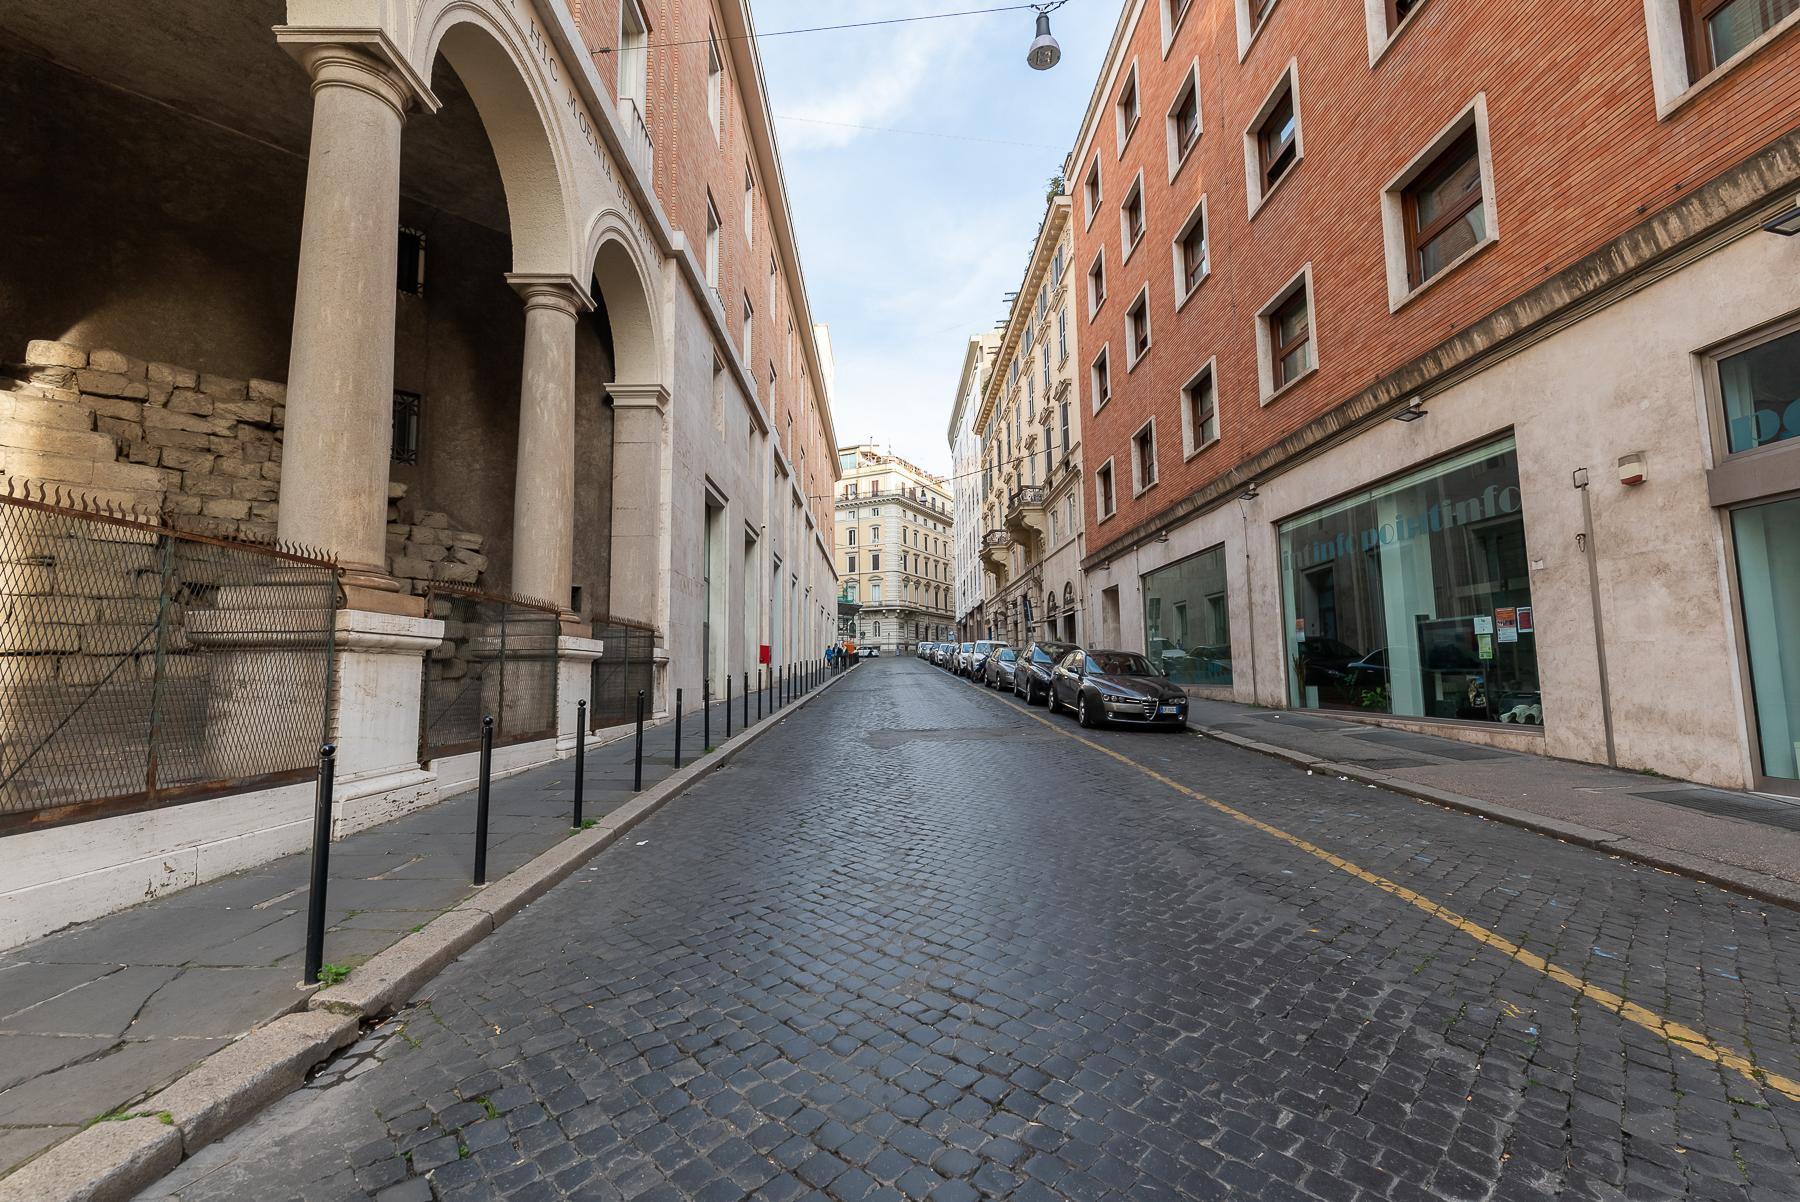 Роскошная квартира с большой террасой  в элегантном здании начала 900 года - 32